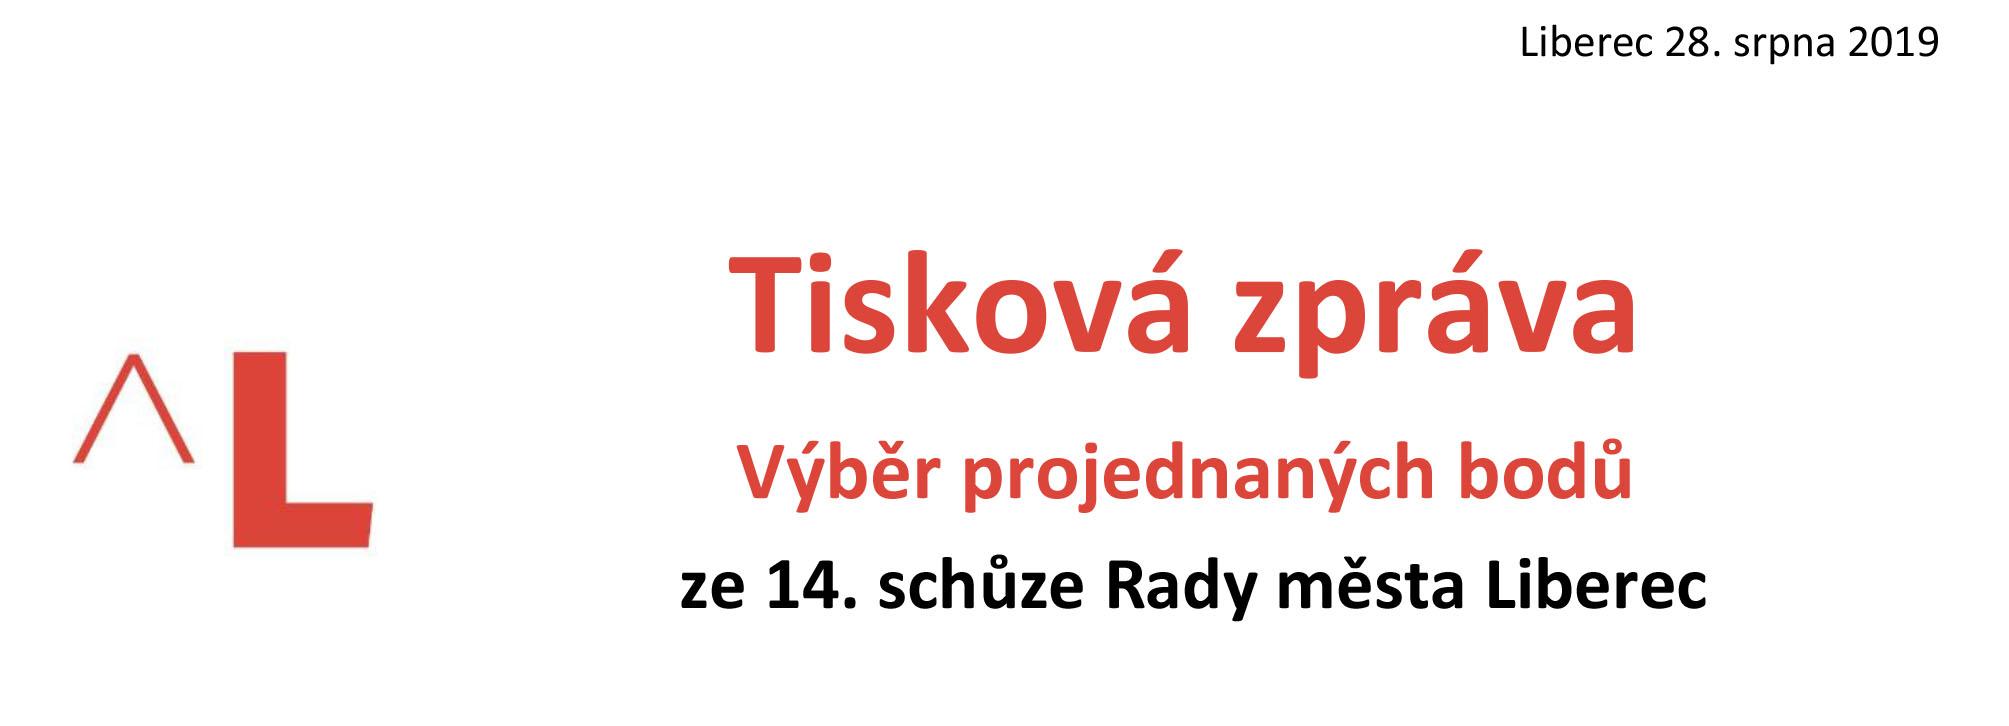 TZ-po-14-jednani-rm-lbc